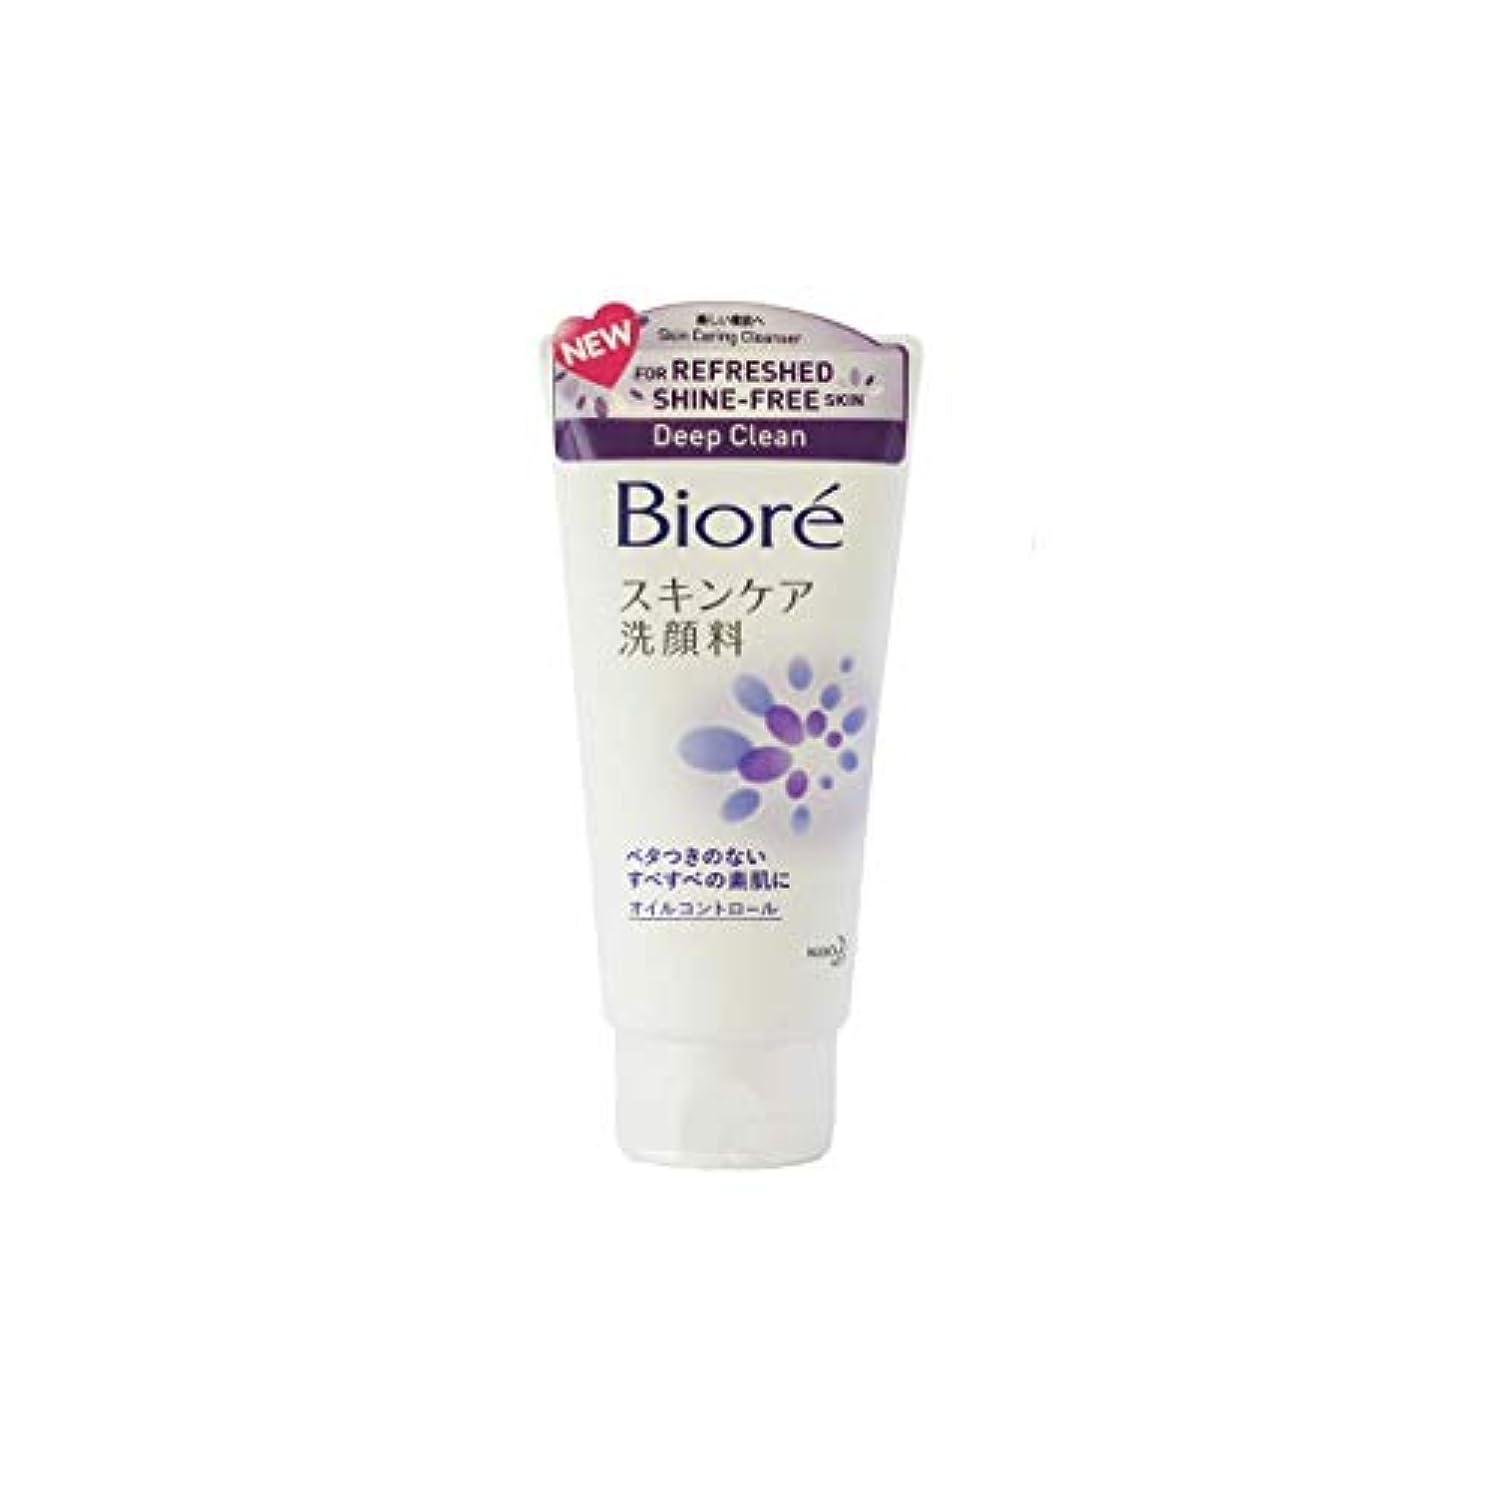 とは異なり推測単なるBIORE UV ビオレ皮膚洗浄剤オイルコントロール親密な130グラム